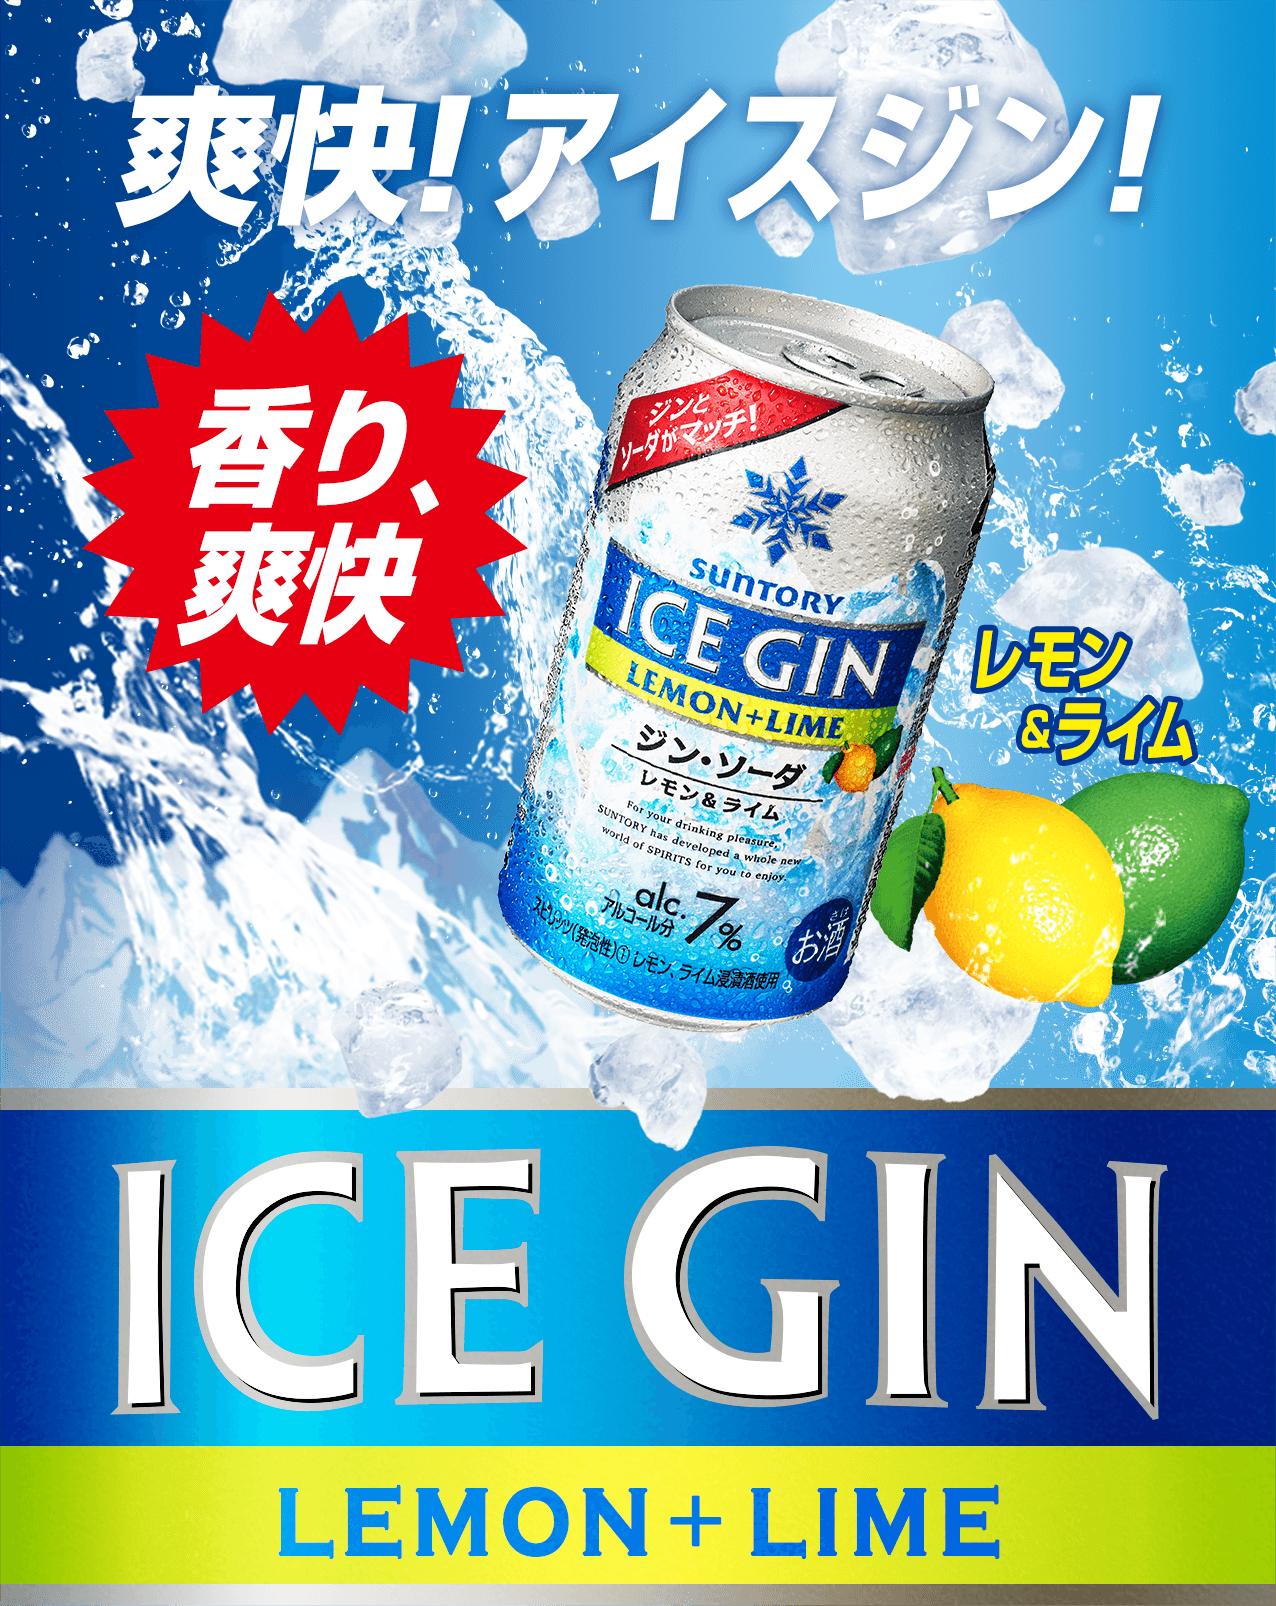 爽快!アイスジン!香り、爽快!ICE GIN LEMON+LIME